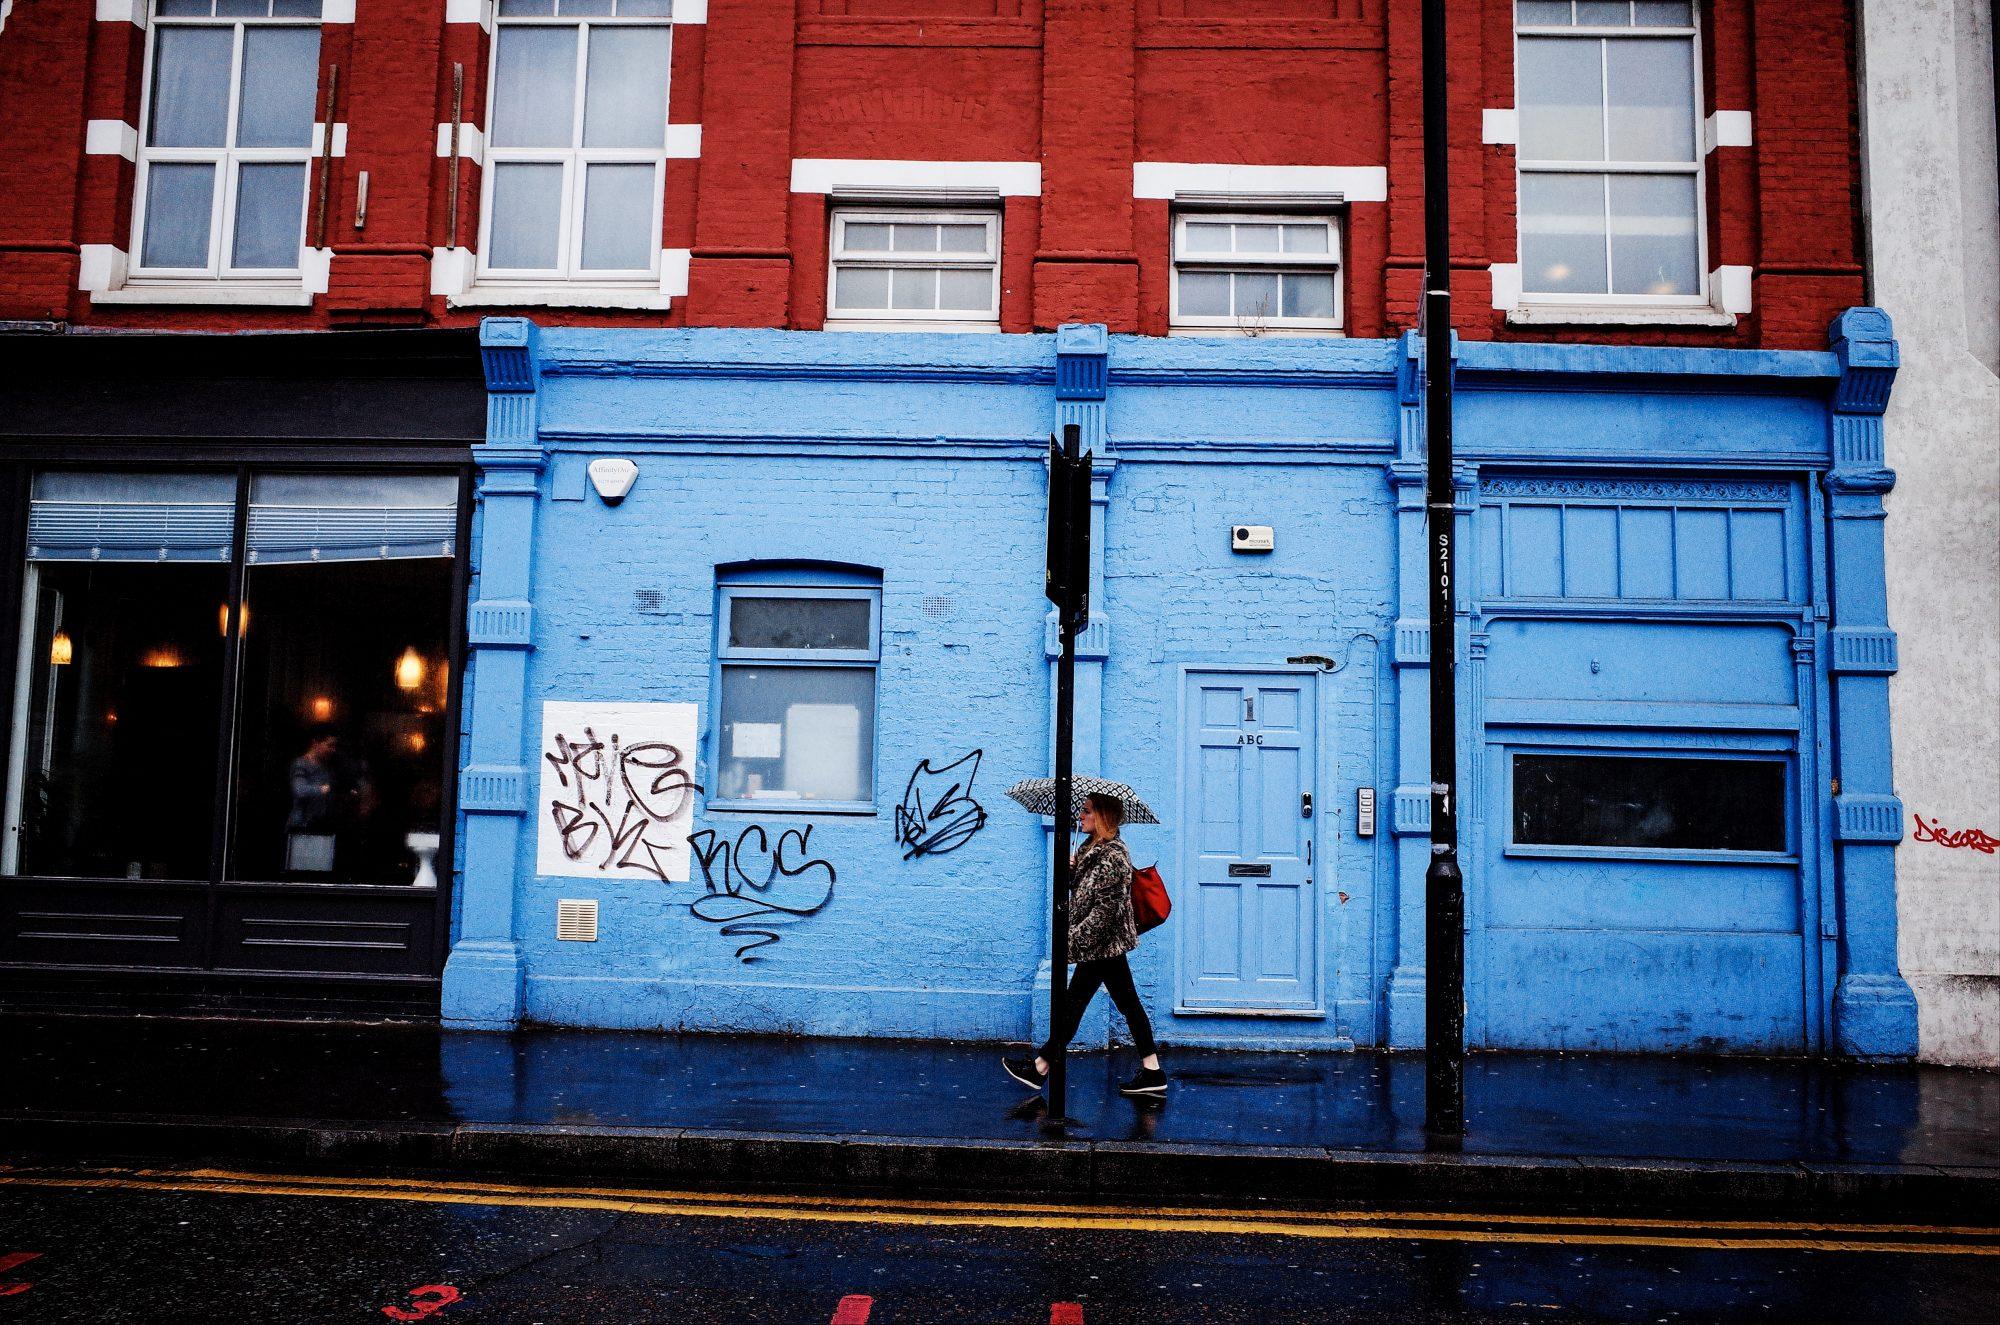 Red, blue, woman walking. London, 2018